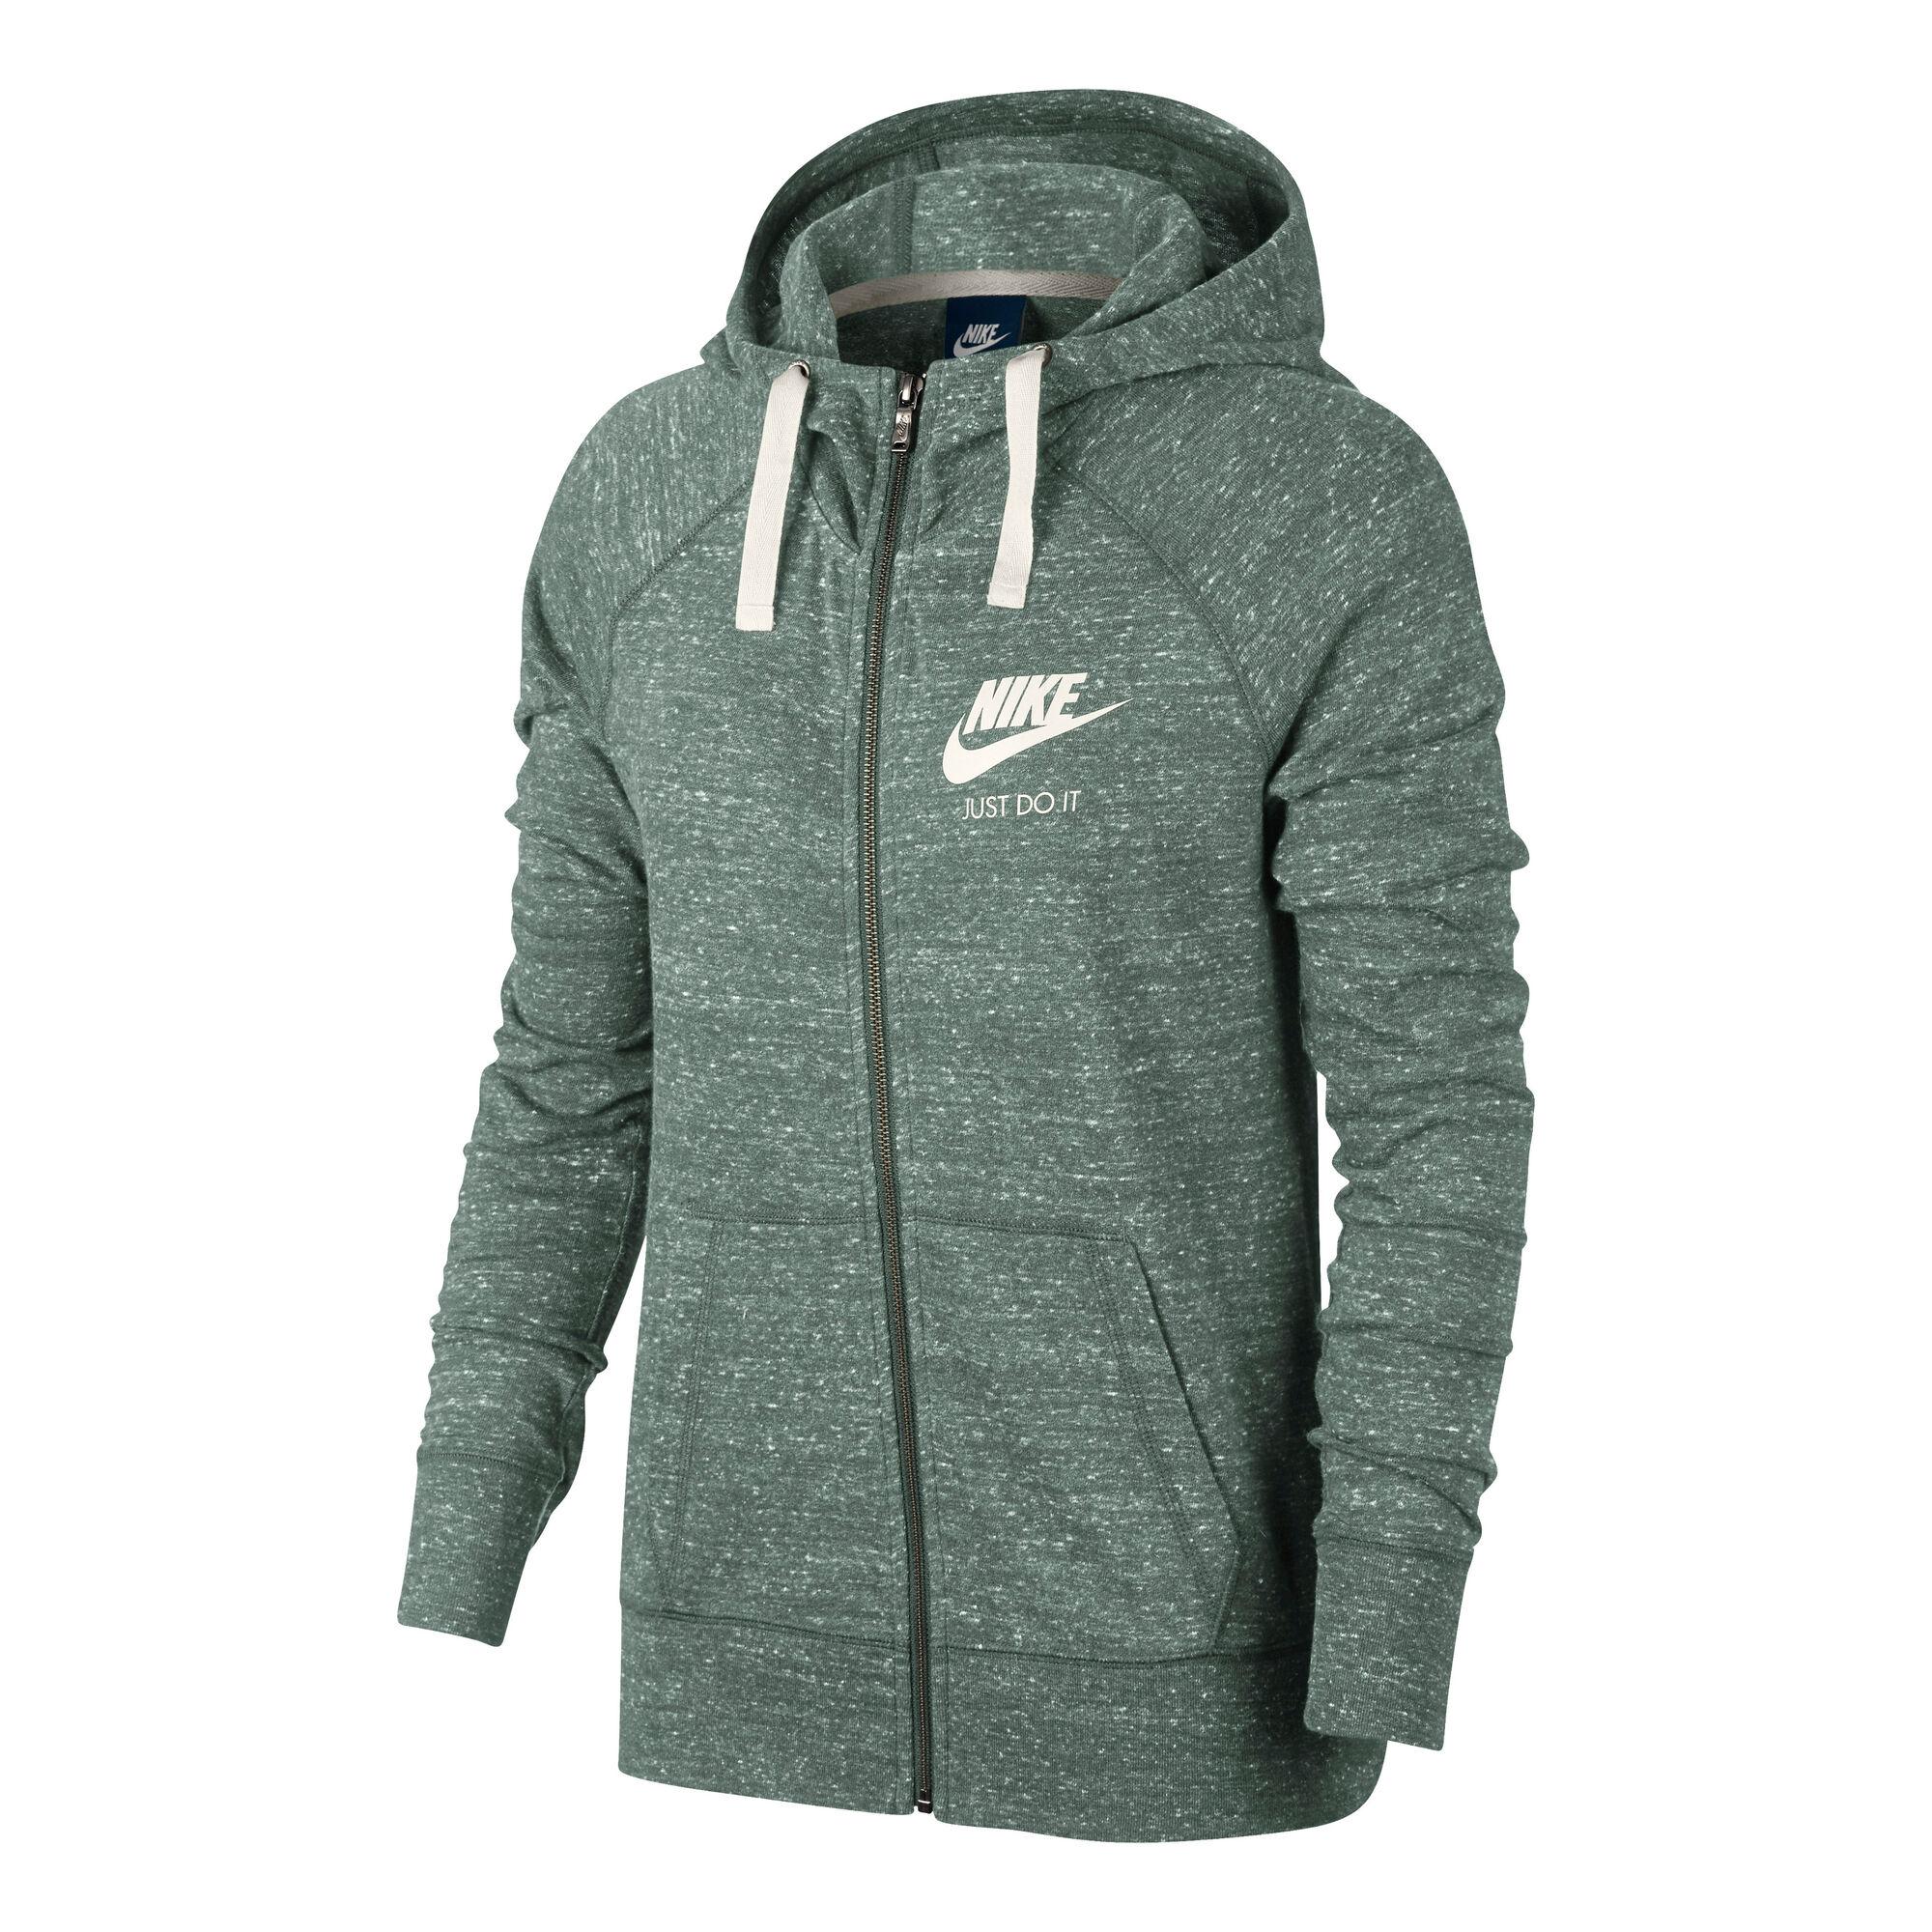 Nike Sportswear Gym Vintage Mikina S Kapucí Dámy - Tmavě Zelená ... 46ed9c08f79